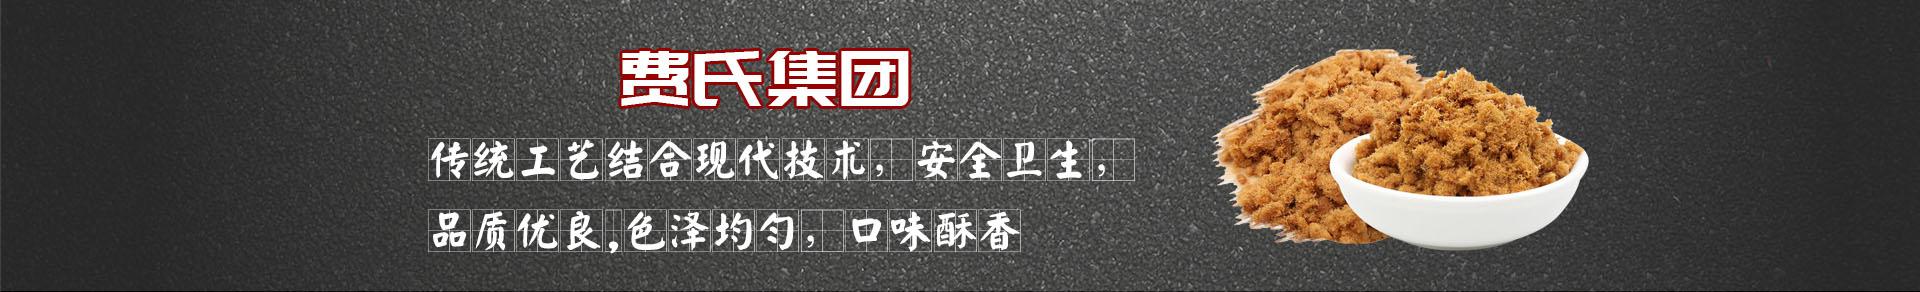 http://www.feishifood.com.cn/data/images/slide/20190924164909_184.jpg